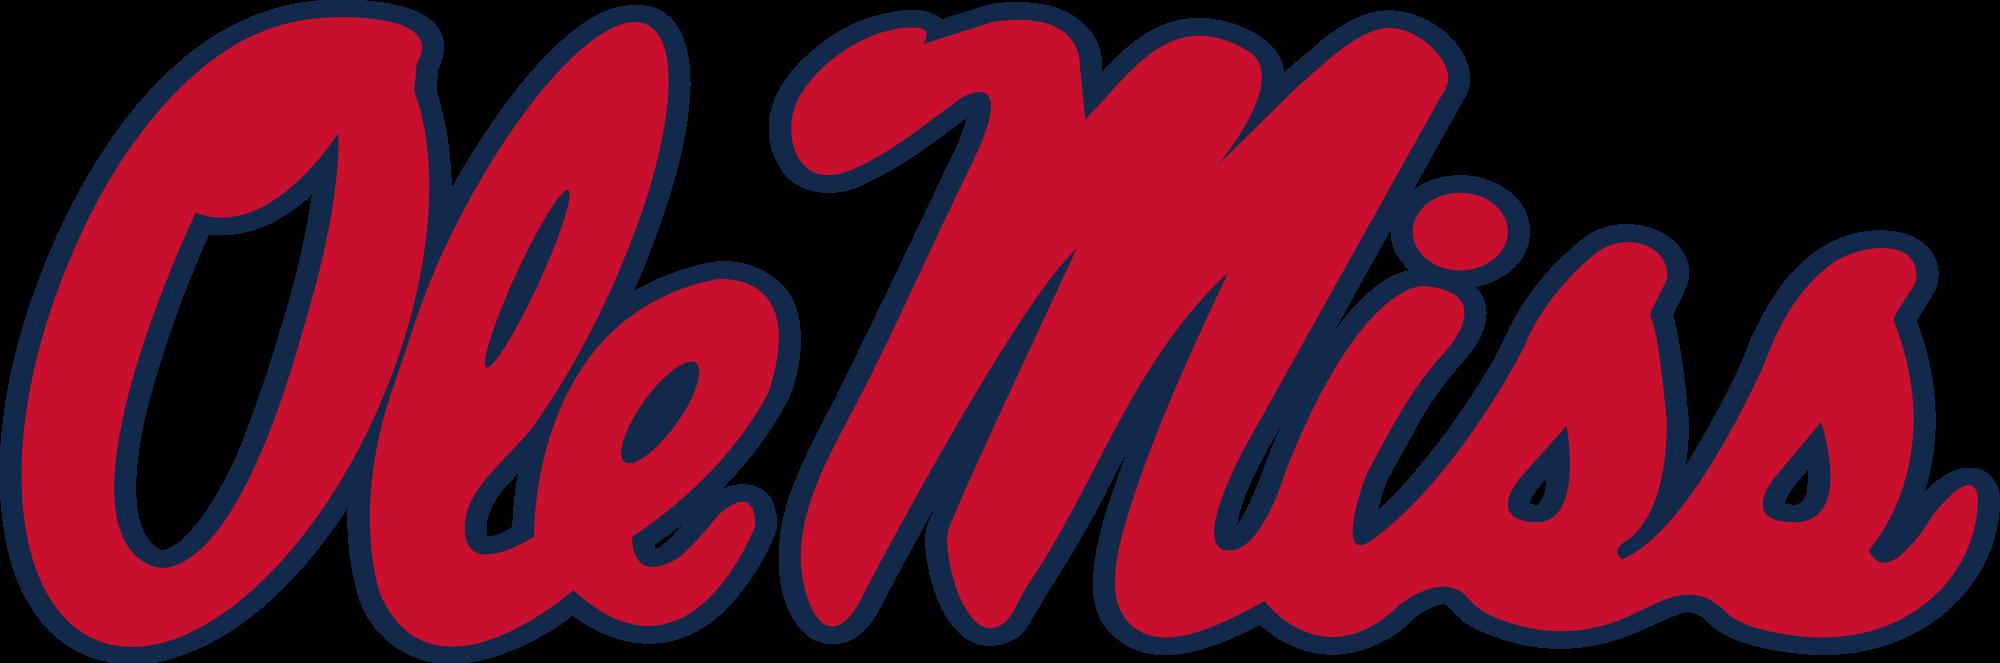 Ole_Miss_rebels_Logo.svg